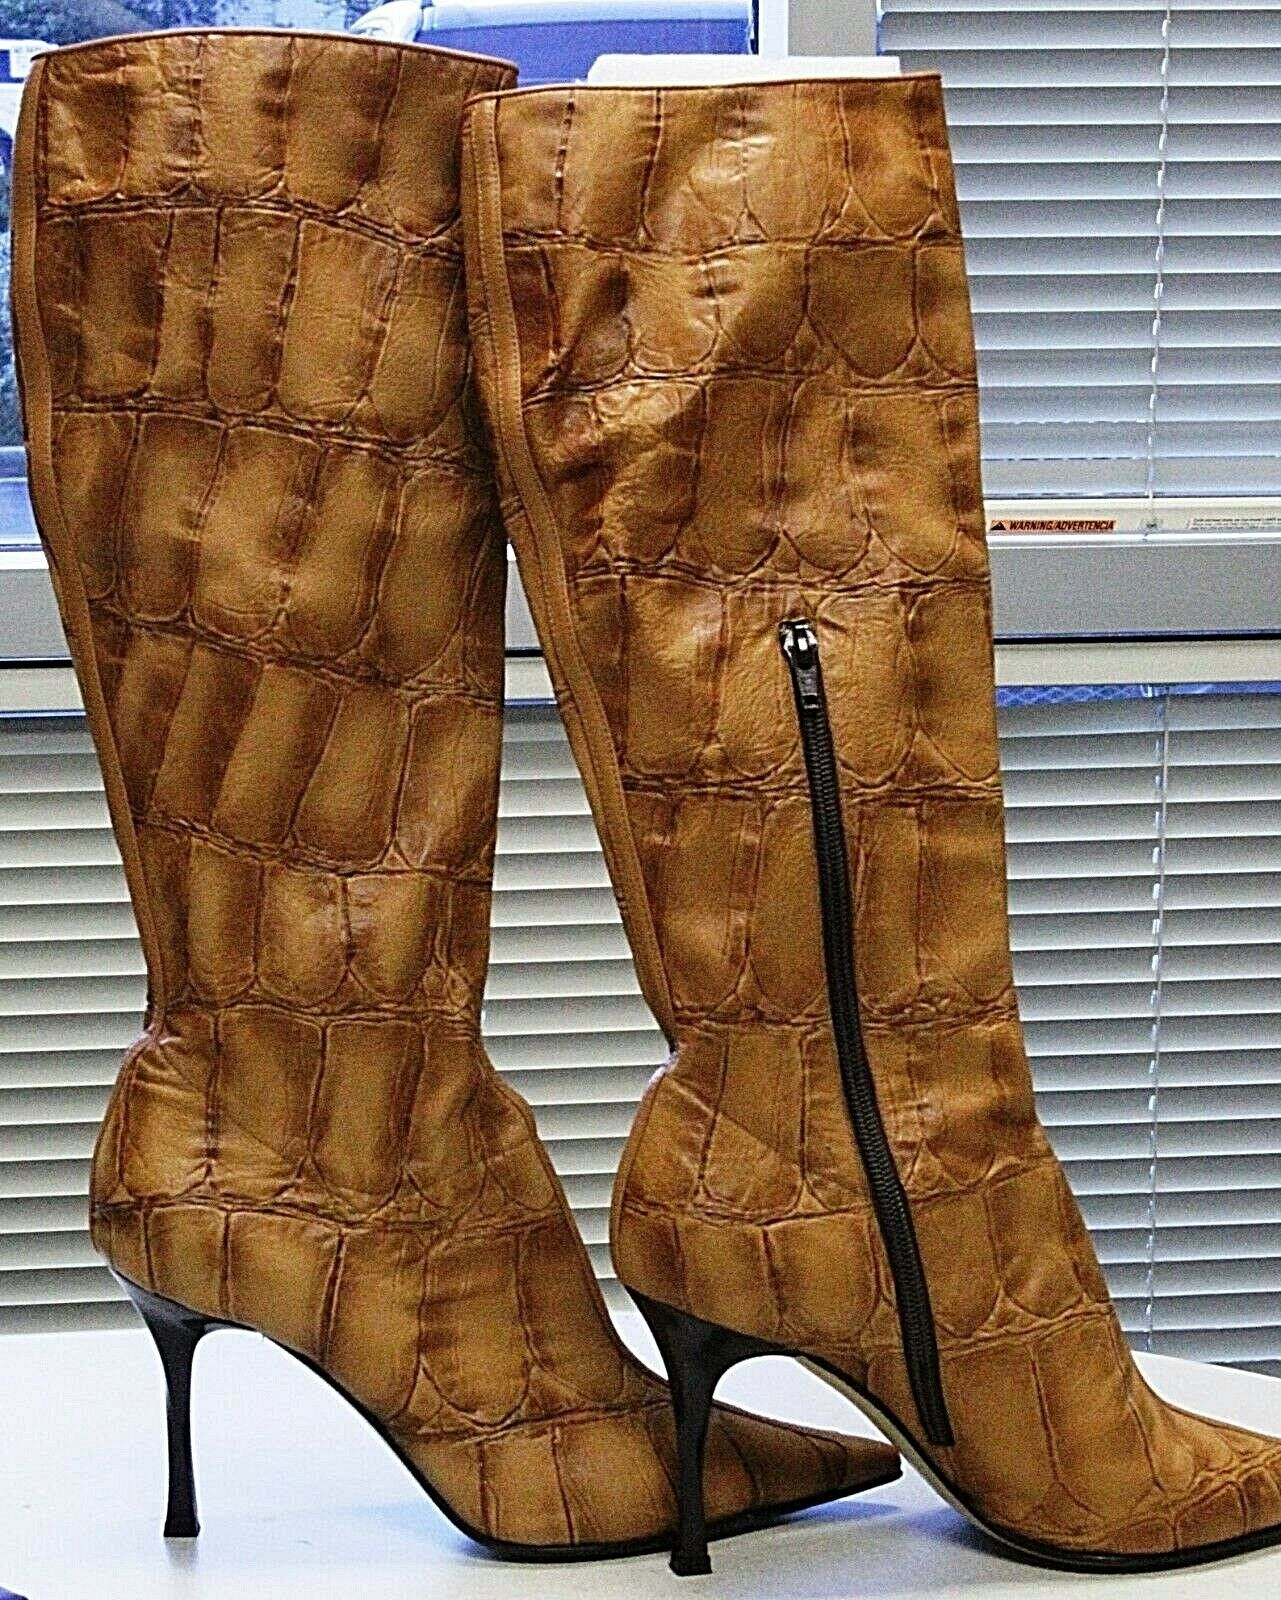 produttori fornitura diretta Casadei Casadei Casadei Faux Alligator Leather stivali Dimensione 8  in linea